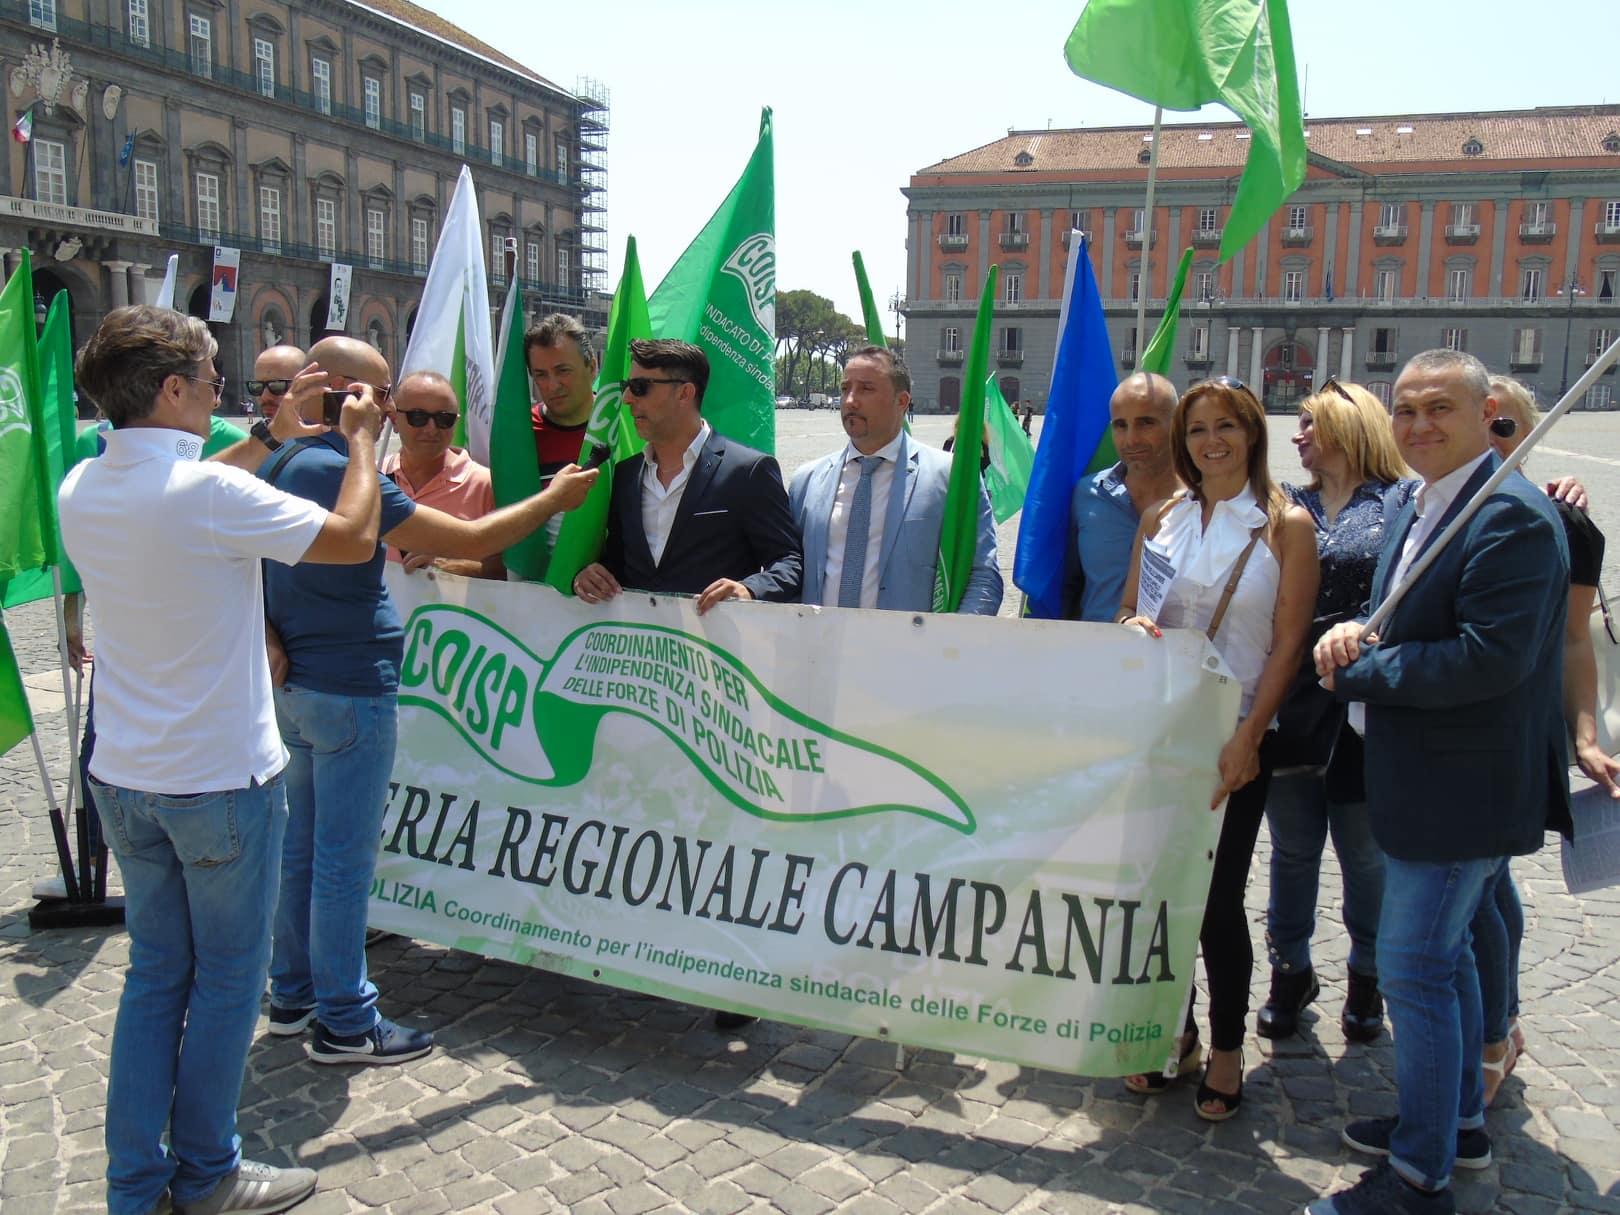 """Photo of Il sindacato di polizia Coisp in piazza, i cittadini: siamo con voi! Raimondi: Grande successo della manifestazione, ringraziamo i tanti cittadini partenopei che ci hanno espresso solidarietà"""" ."""